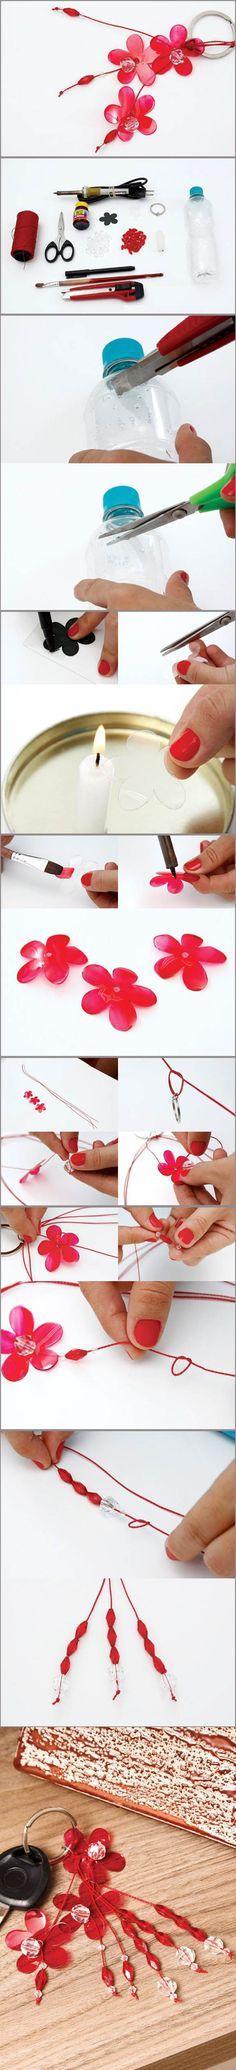 DIY Flower Key Chains from Plastic Bottle 2